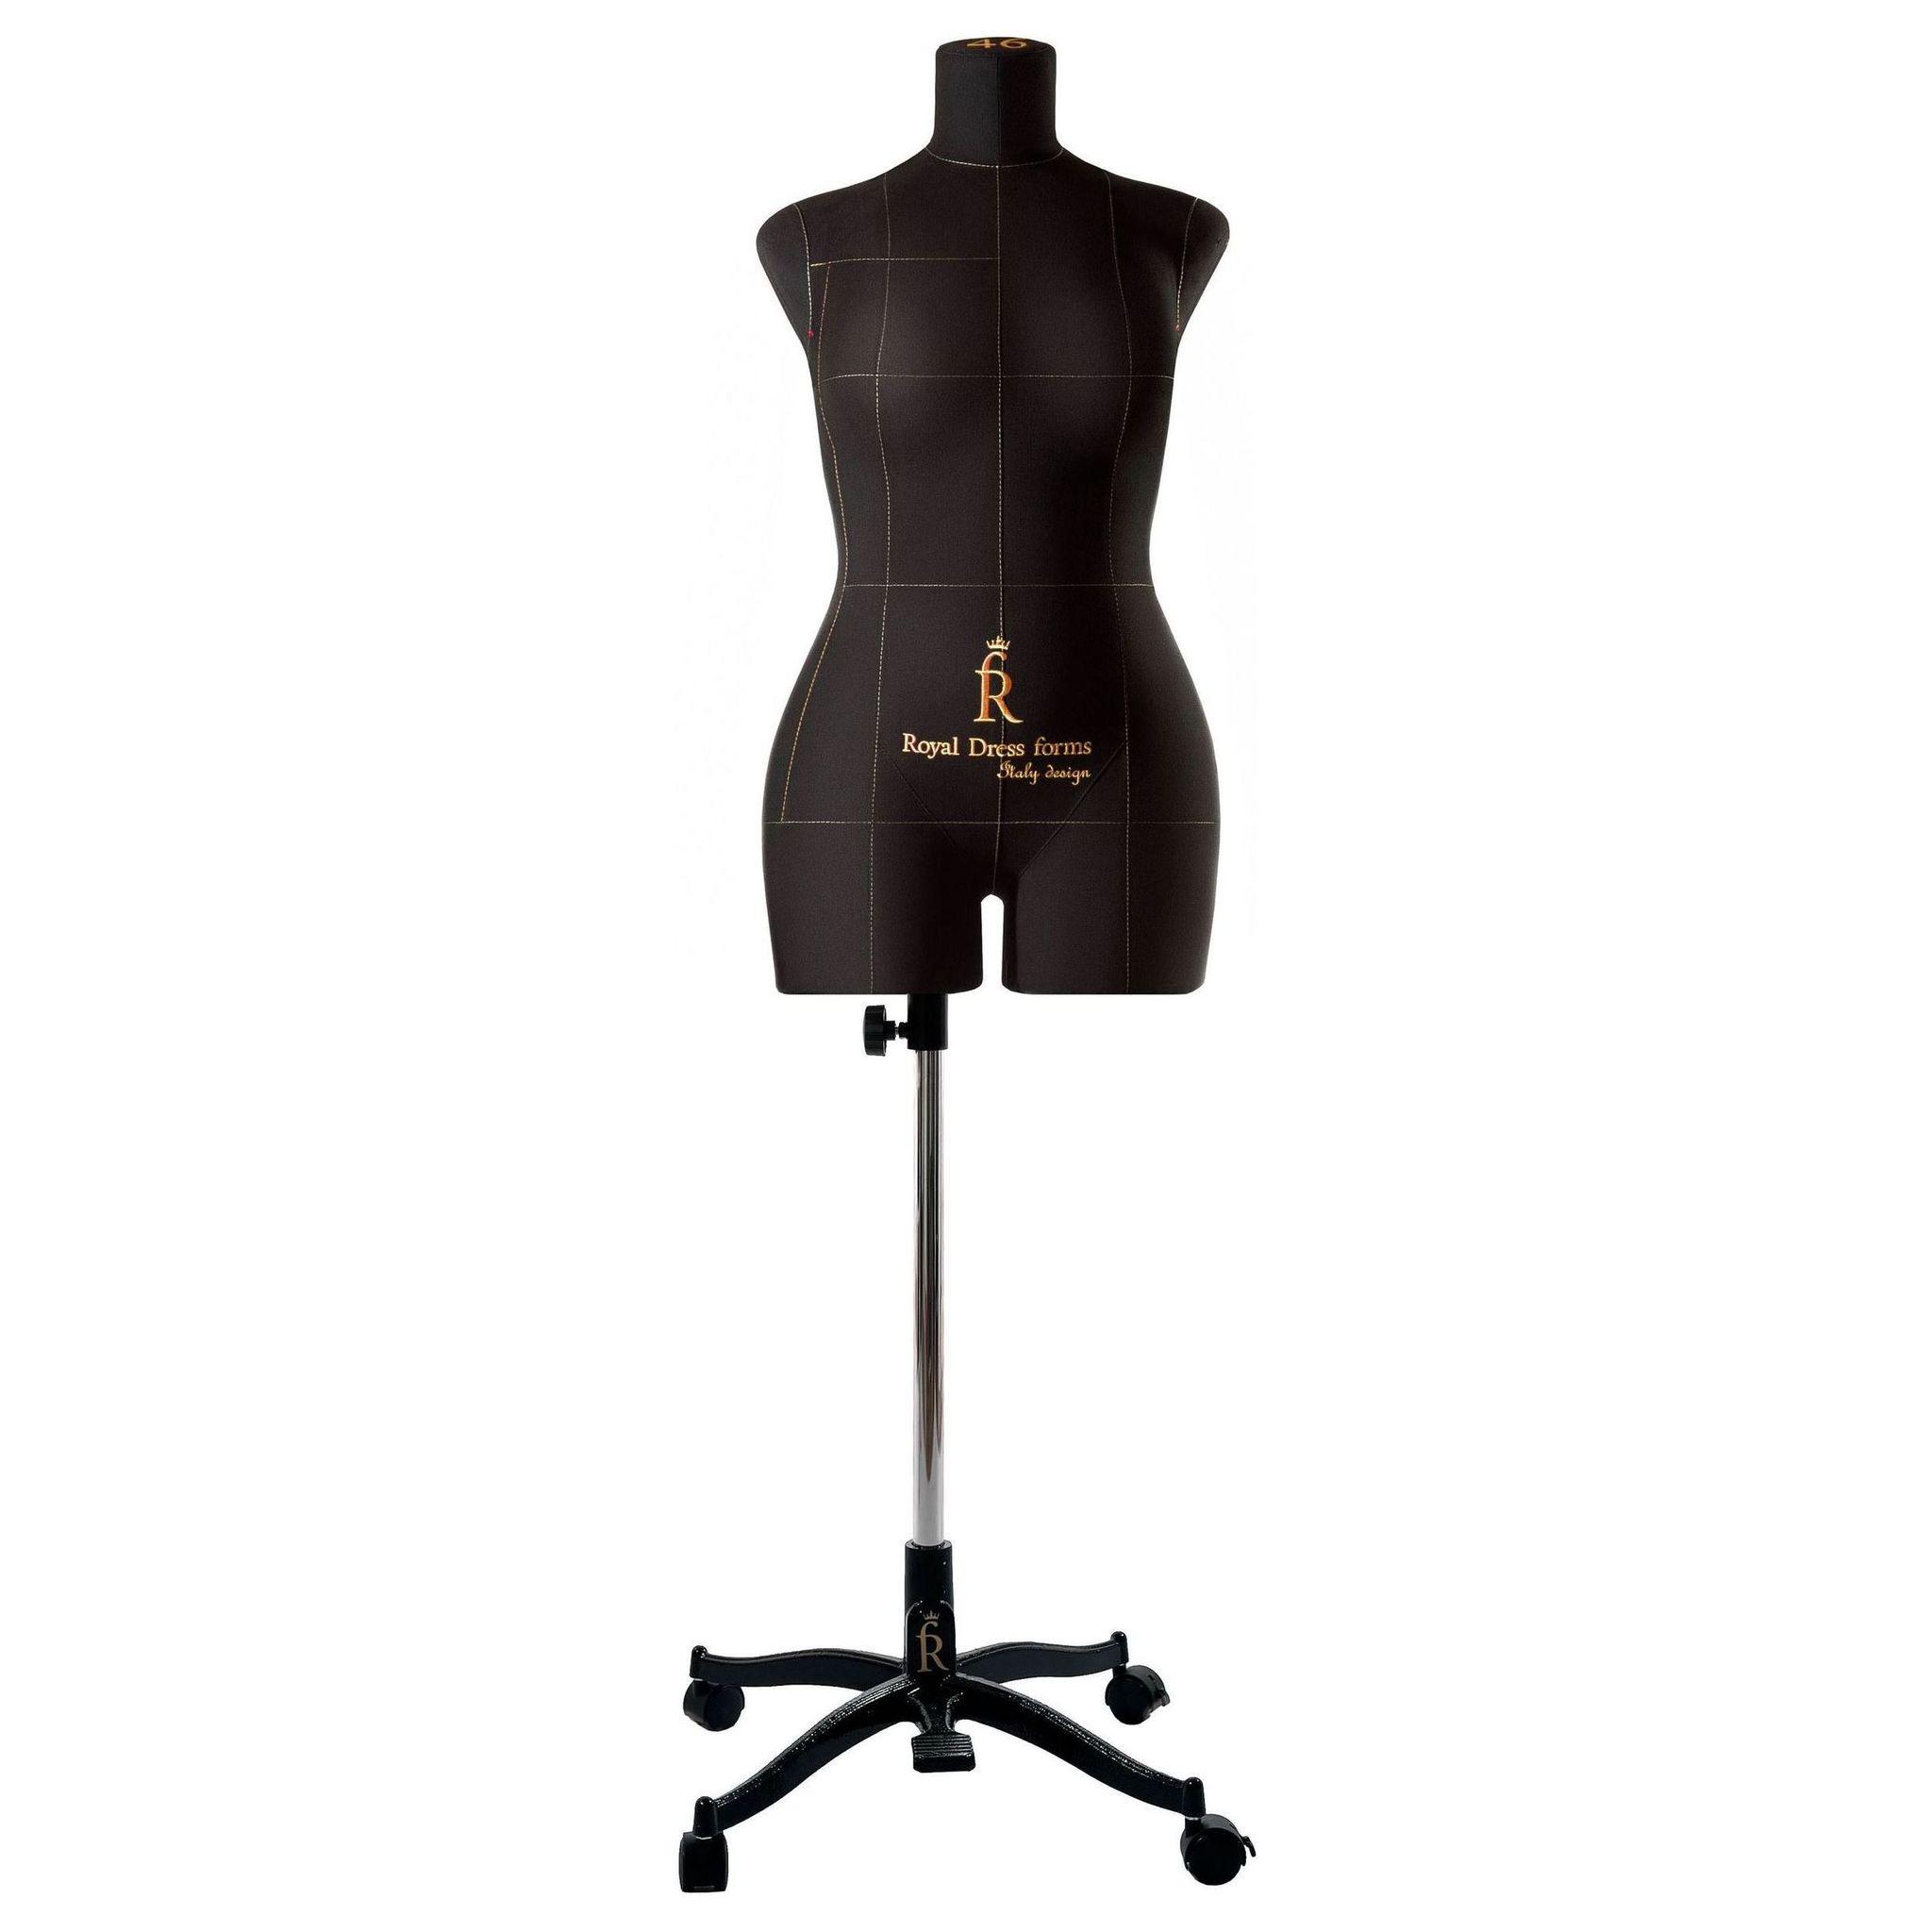 Манекен портновский Моника, комплект Про, размер 46, ЧерныйФото 2